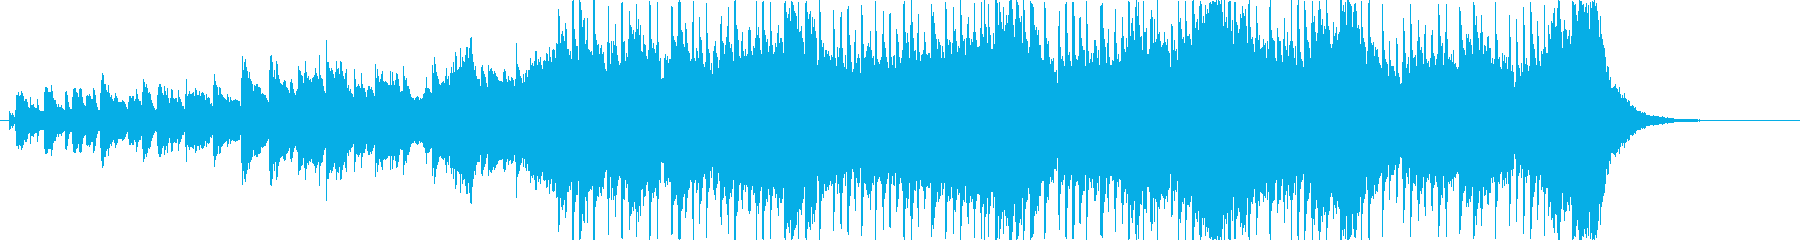 明るく前向きなジングルの再生済みの波形